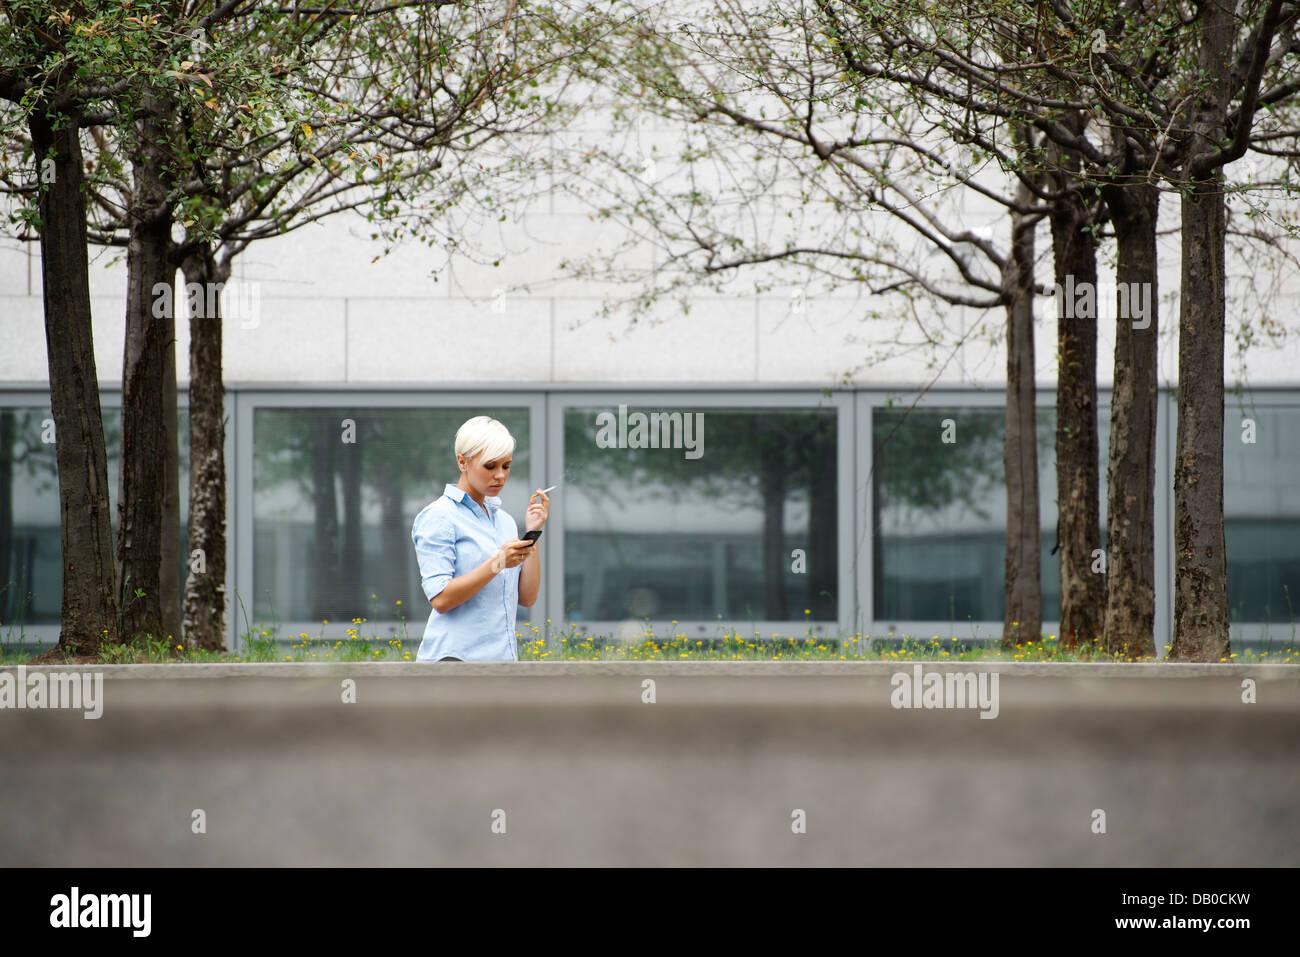 Young businesswoman cigarette au cours de sortir du bâtiment de bureaux. Plan d'ensemble, copy space Photo Stock